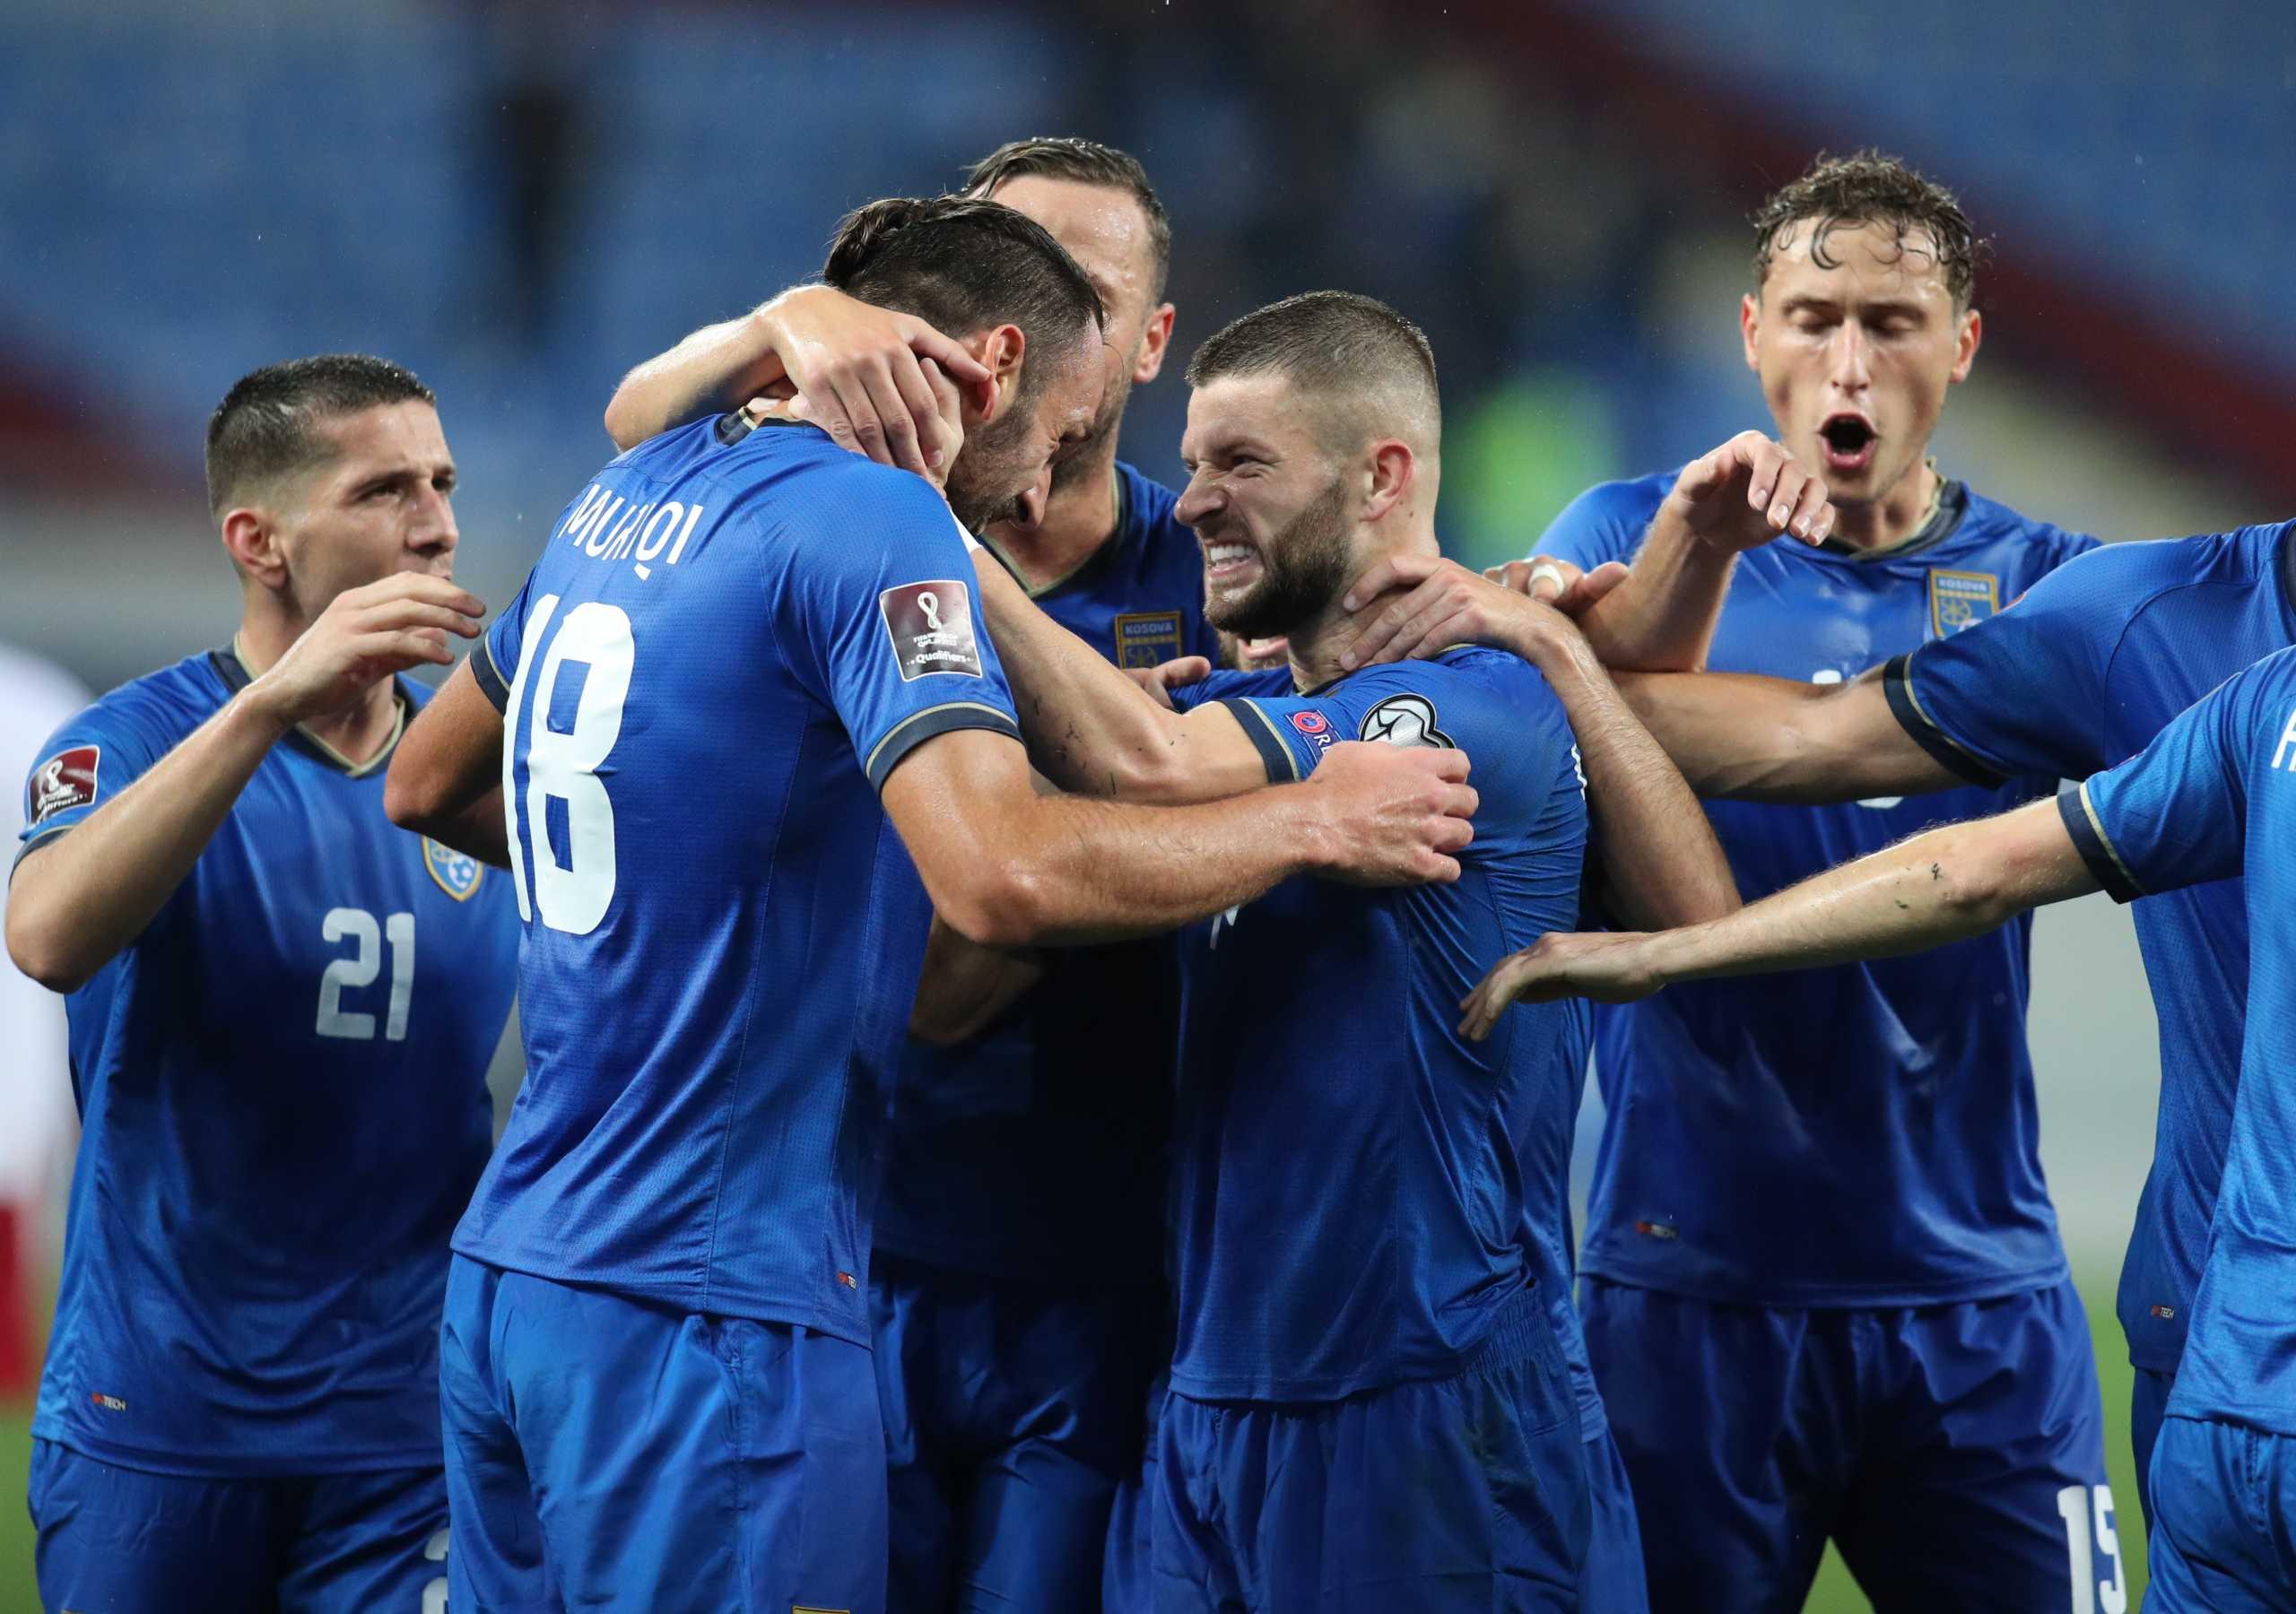 Προκριματικά Παγκοσμίου Κυπέλλου: Διπλό για το Κόσοβο πριν την Ελλάδα